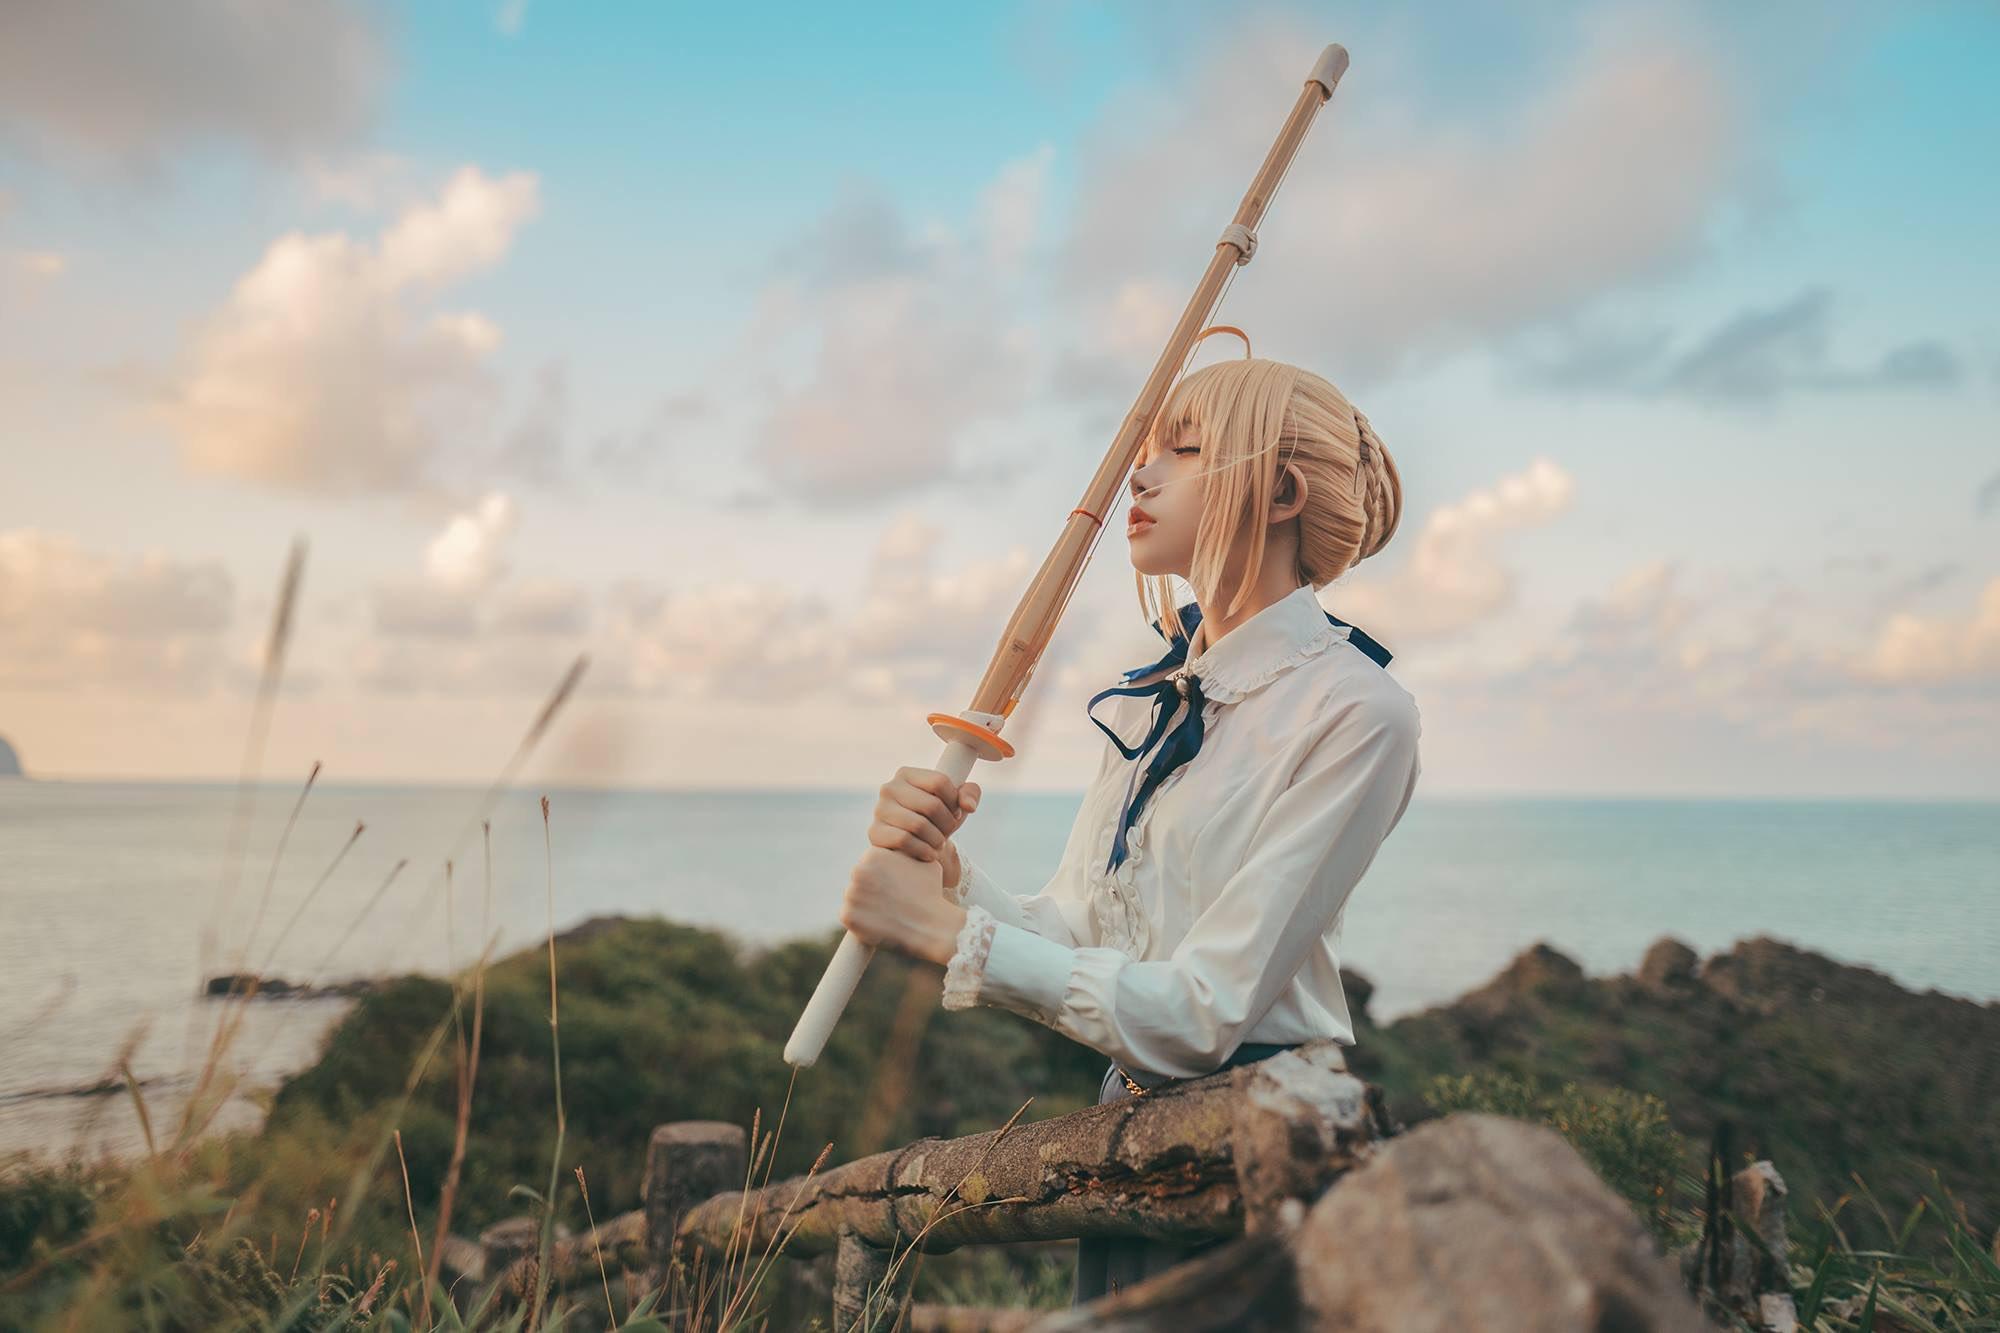 Saber木剑